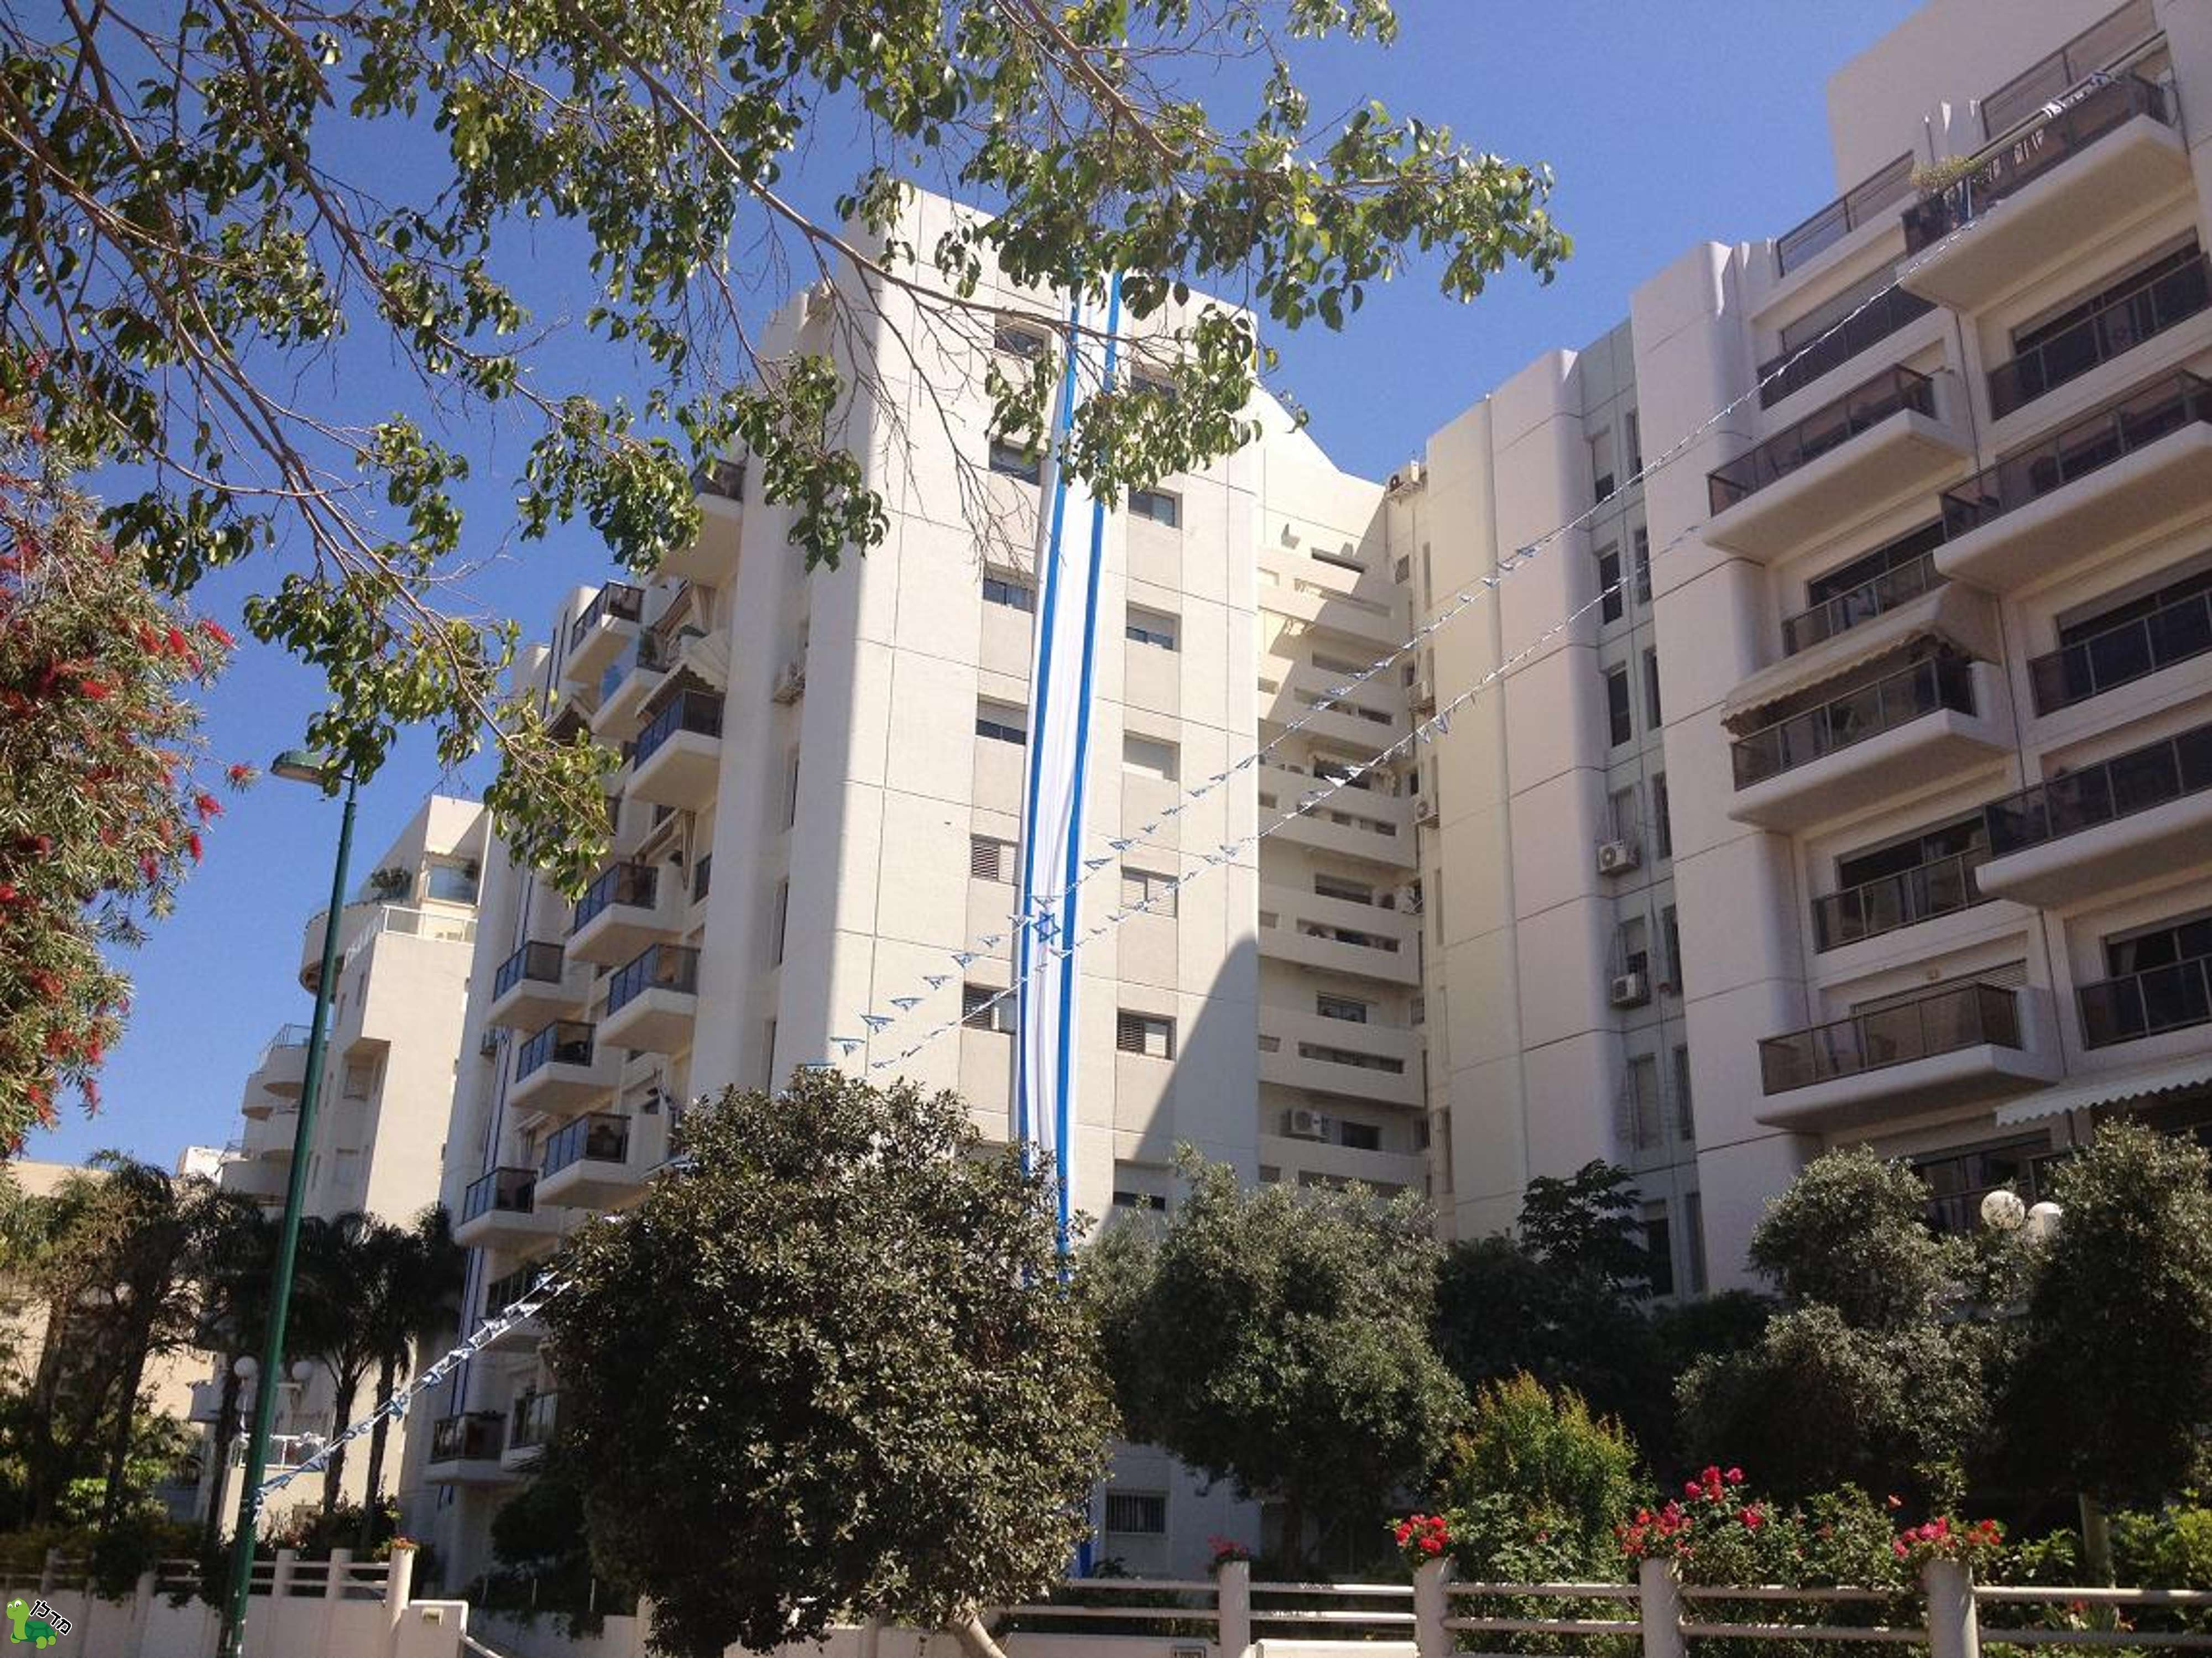 מפוארת דירות להשכרה ברמת אביב ג, תל אביב יפו - 22 דירות באזור WZ-26